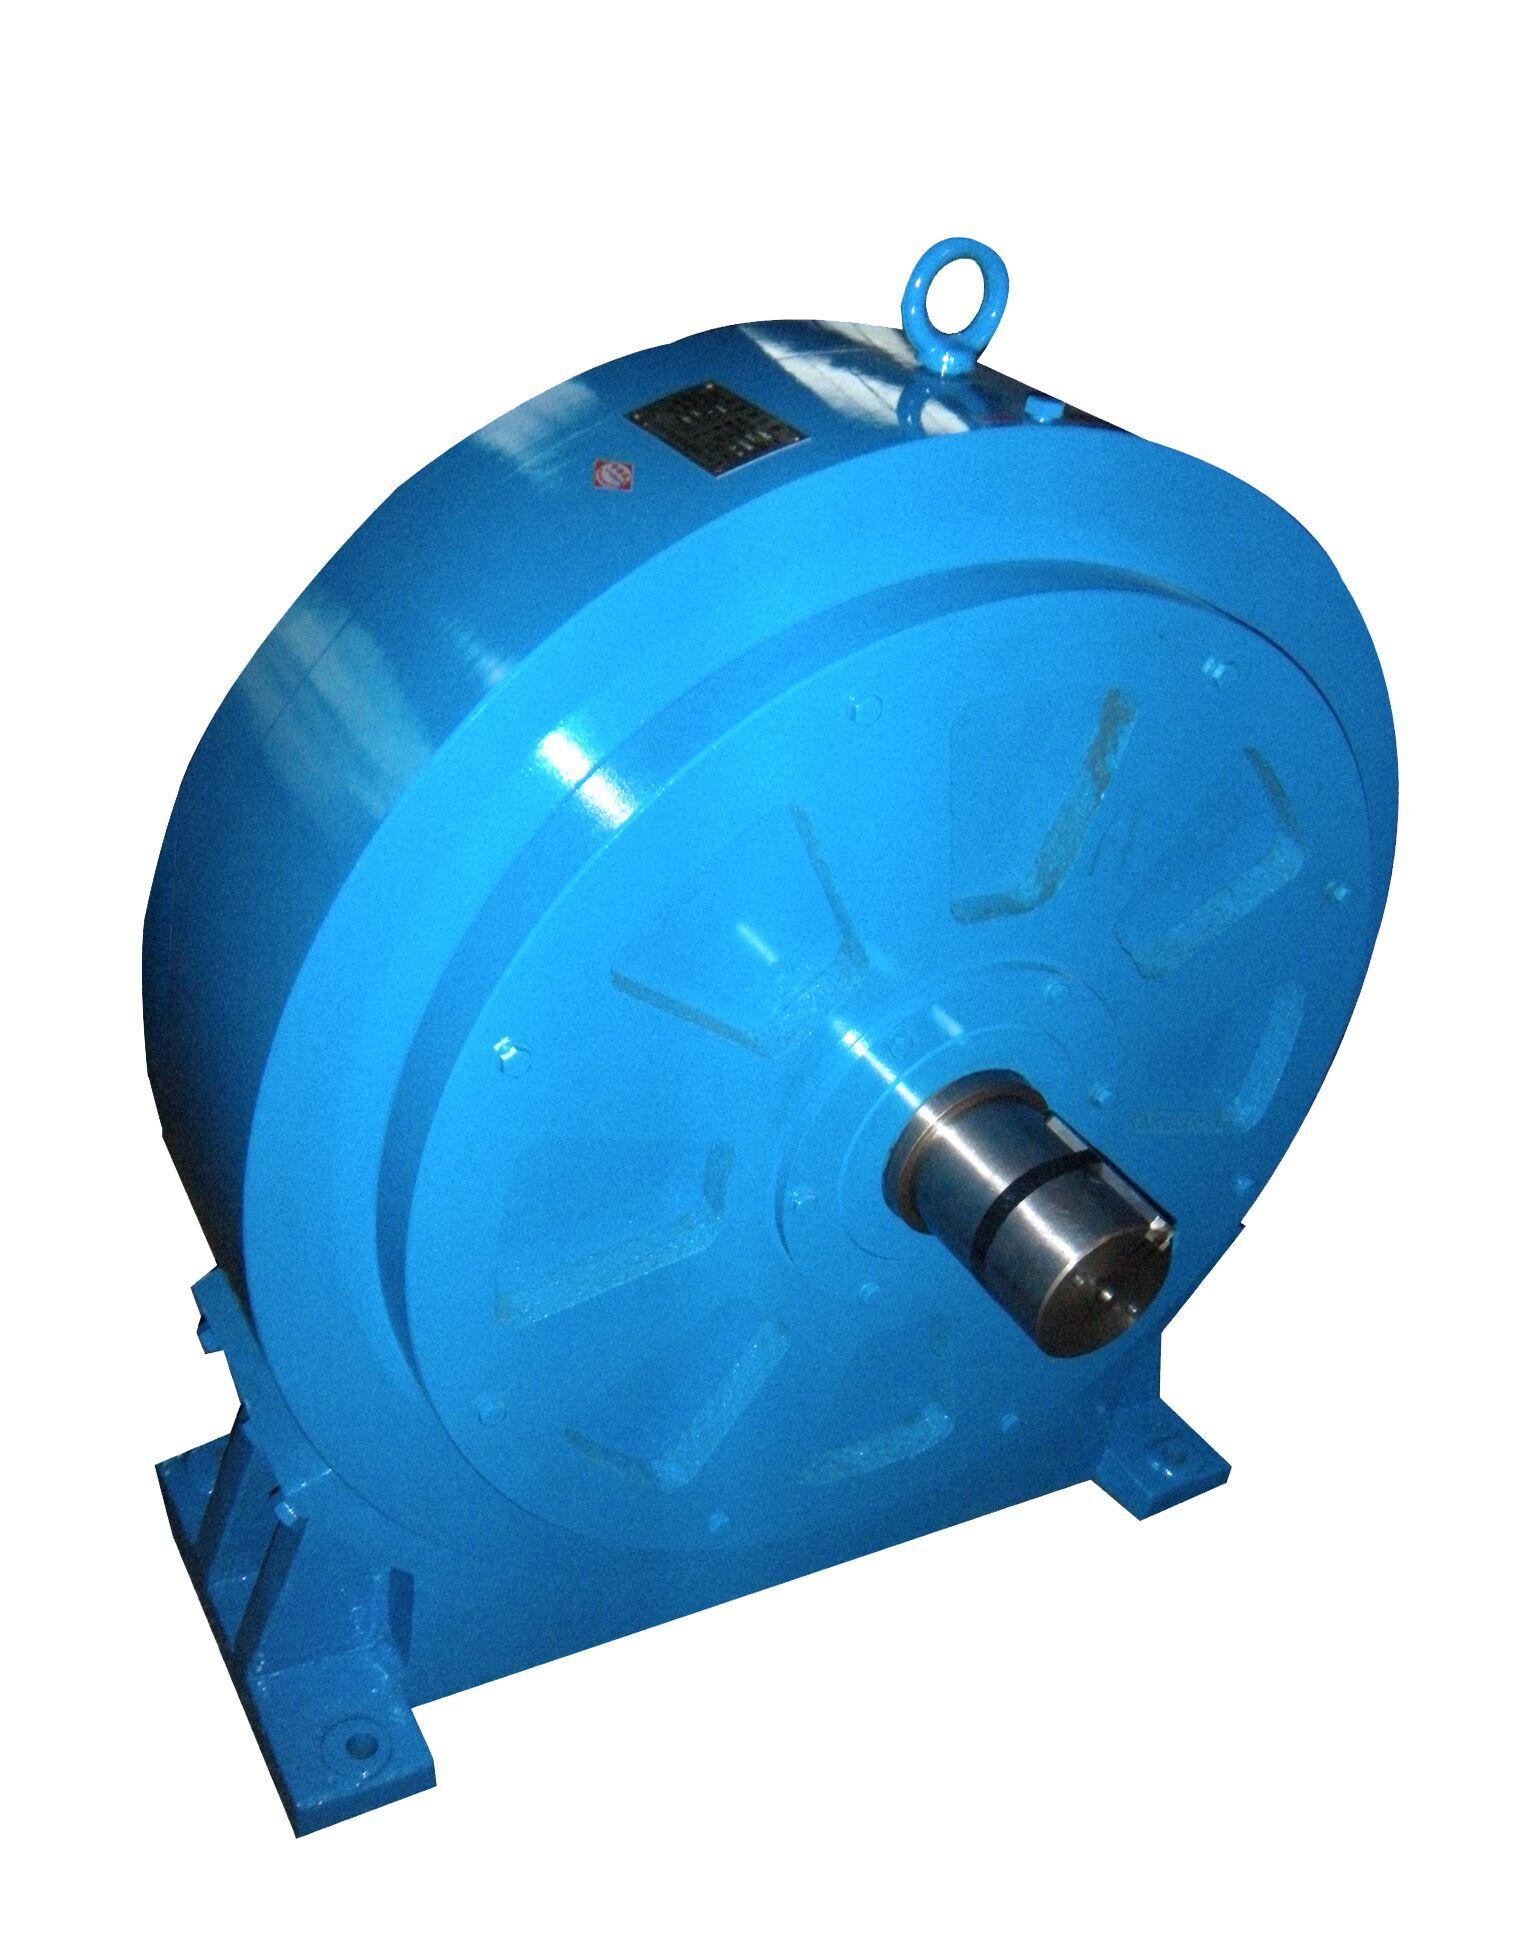 磁粉离合器 磁粉制动器 印刷机械配件 磁粉控制器厂家 批发